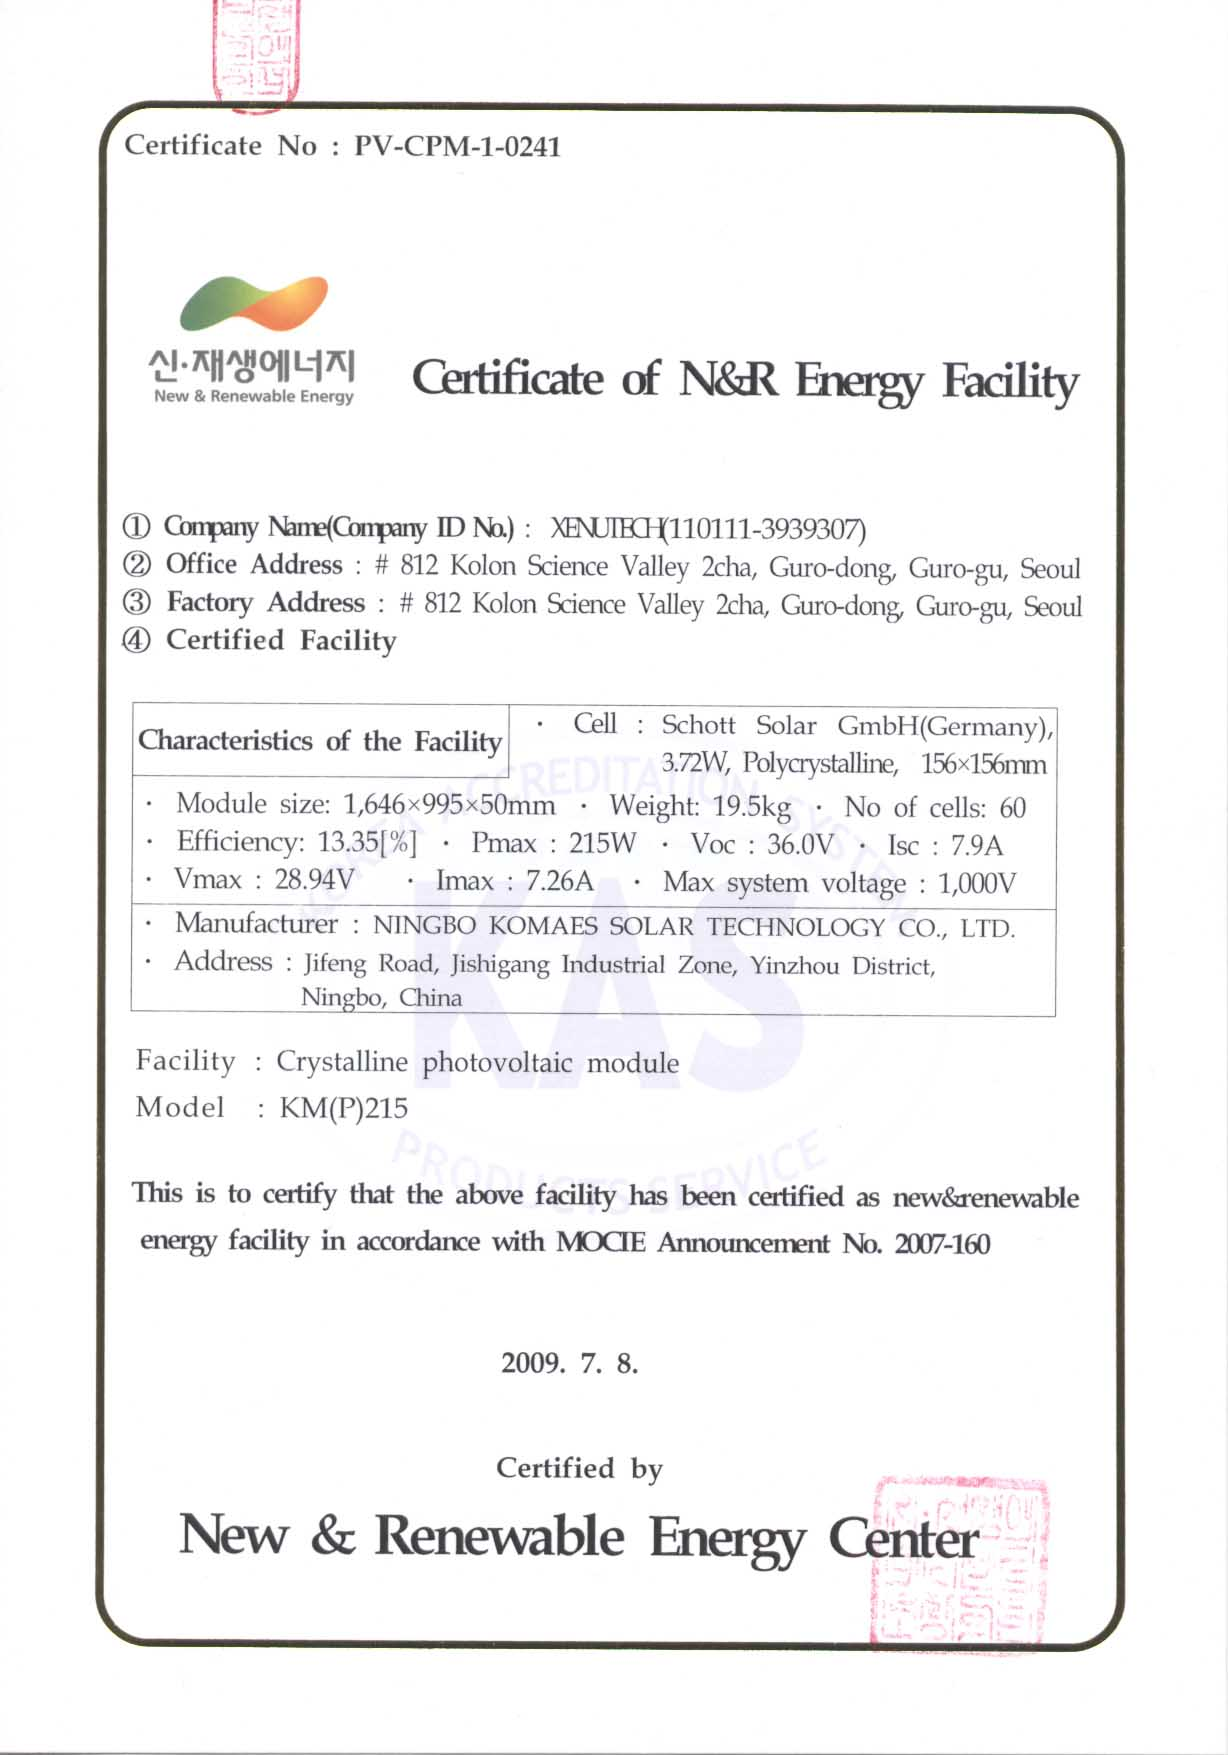 Korea Certificate KM(P)215